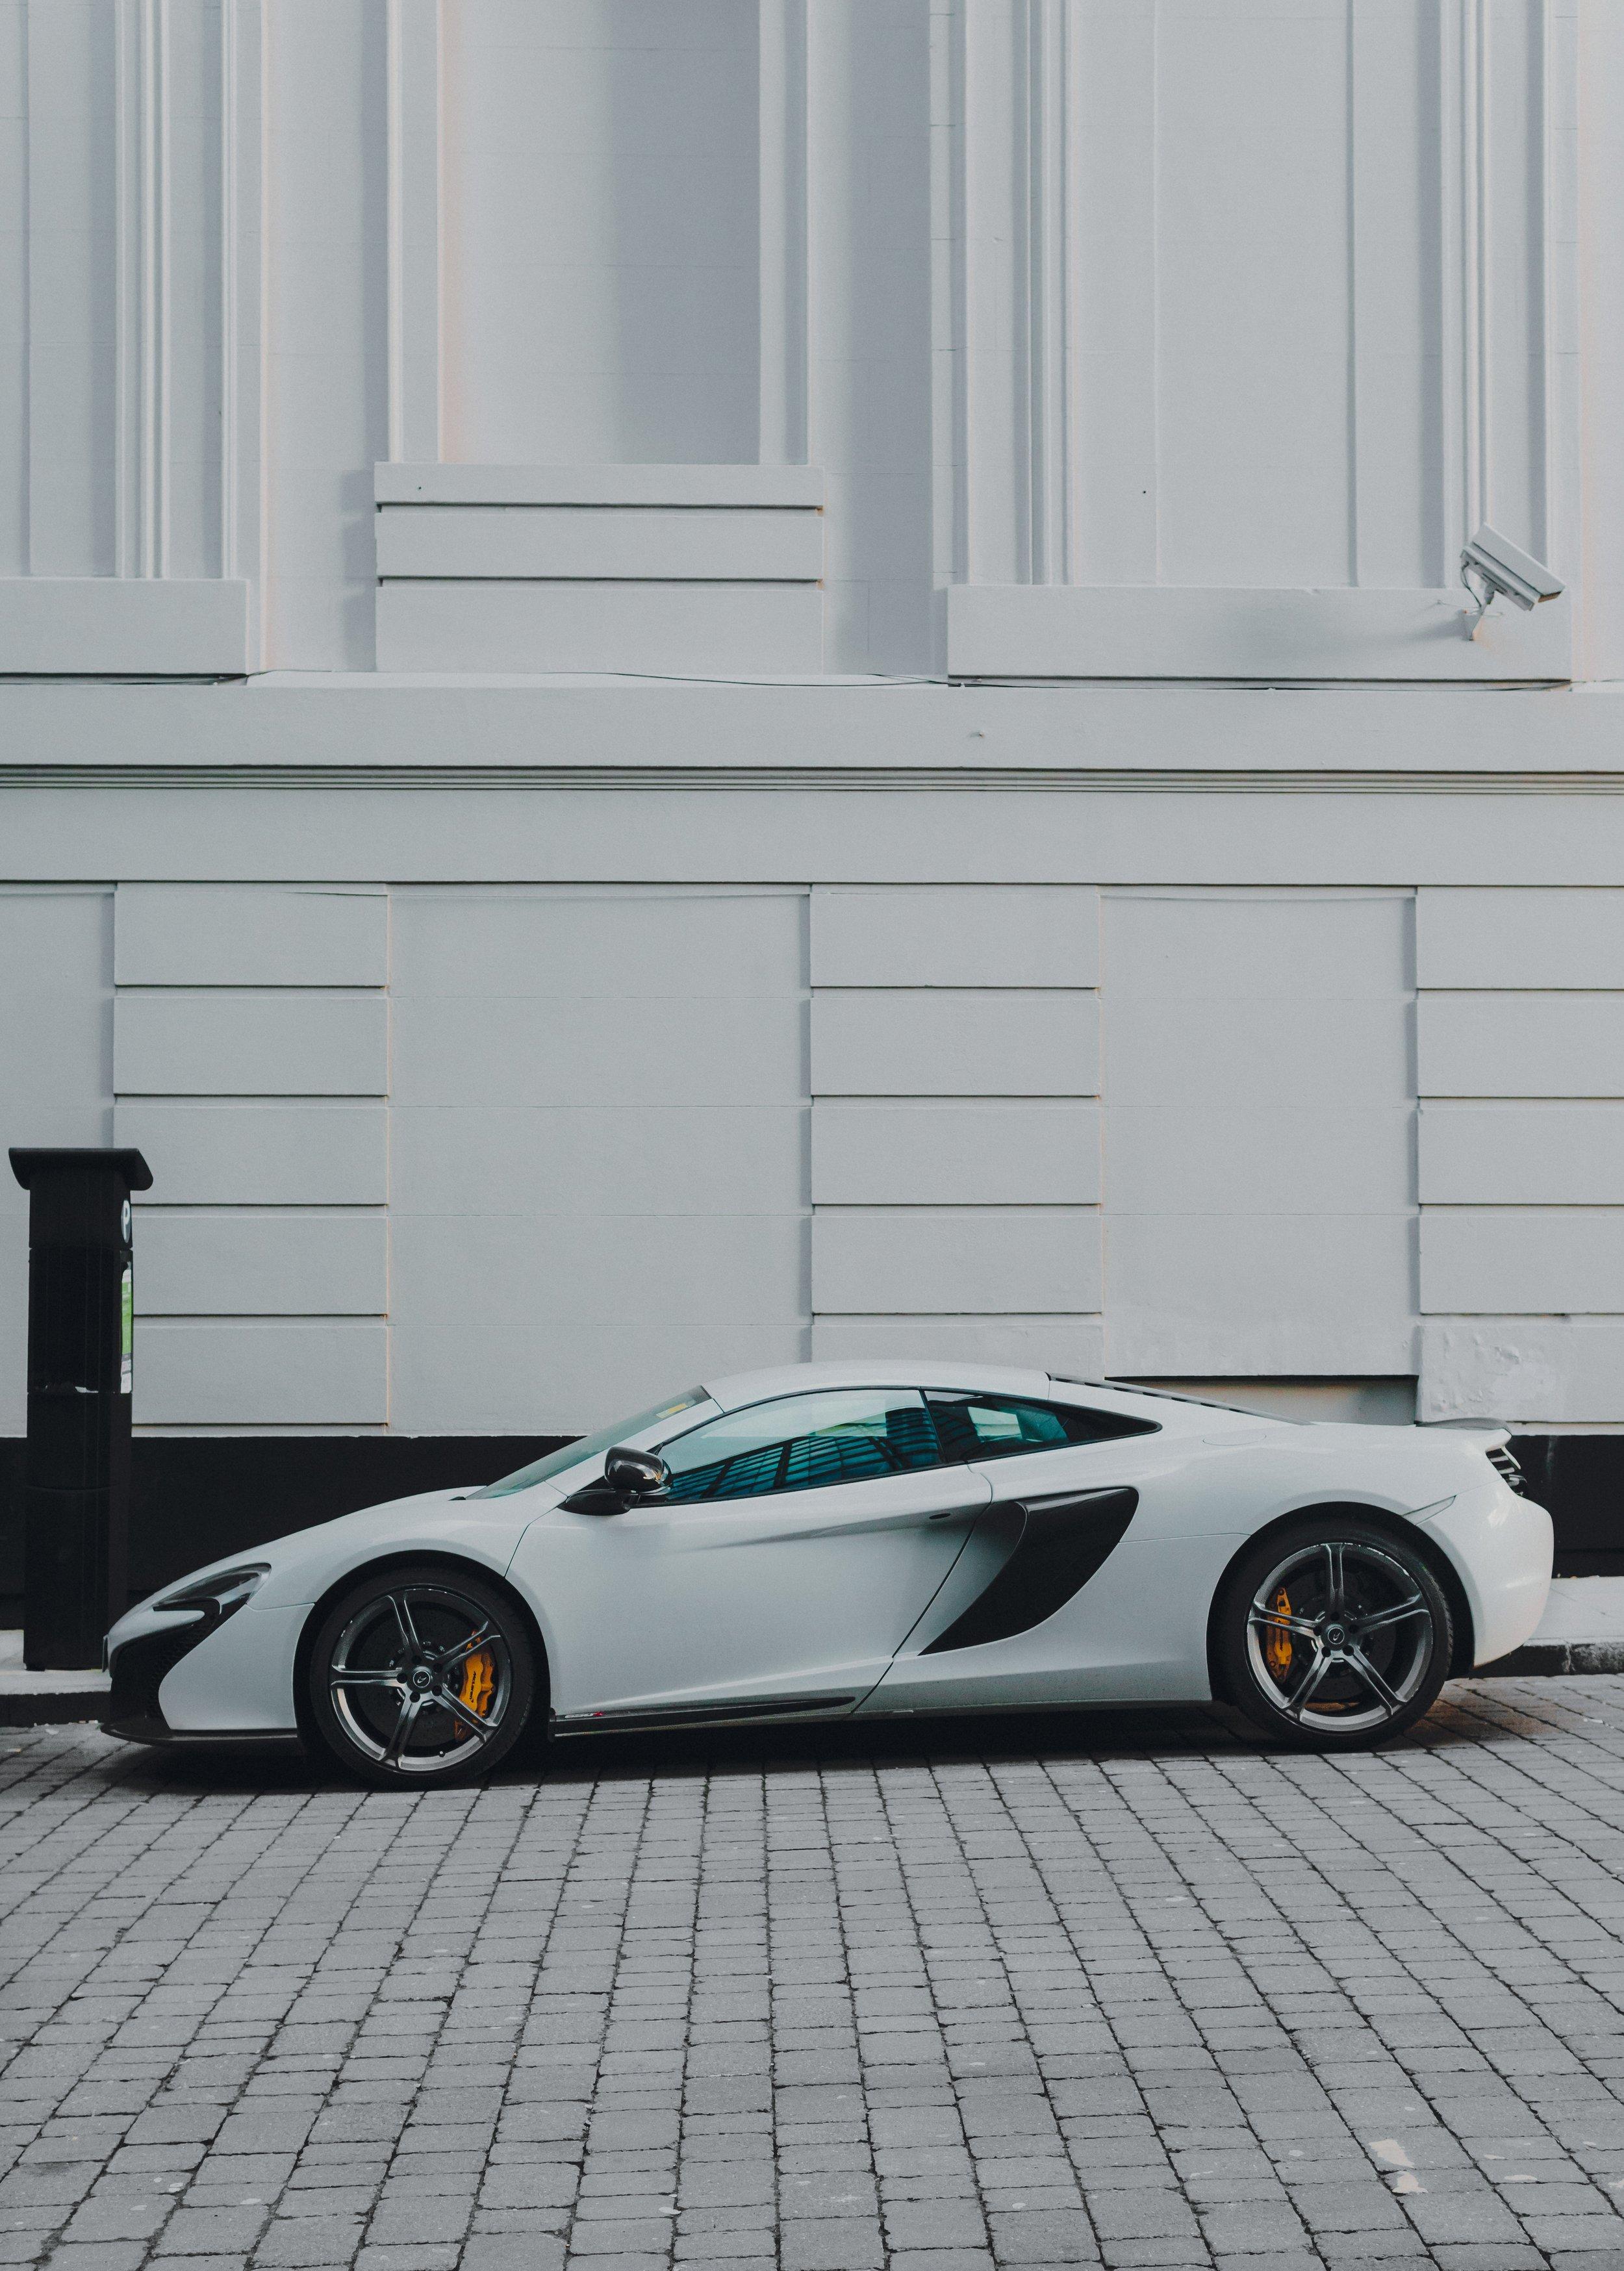 Millionaire next door - poor.png